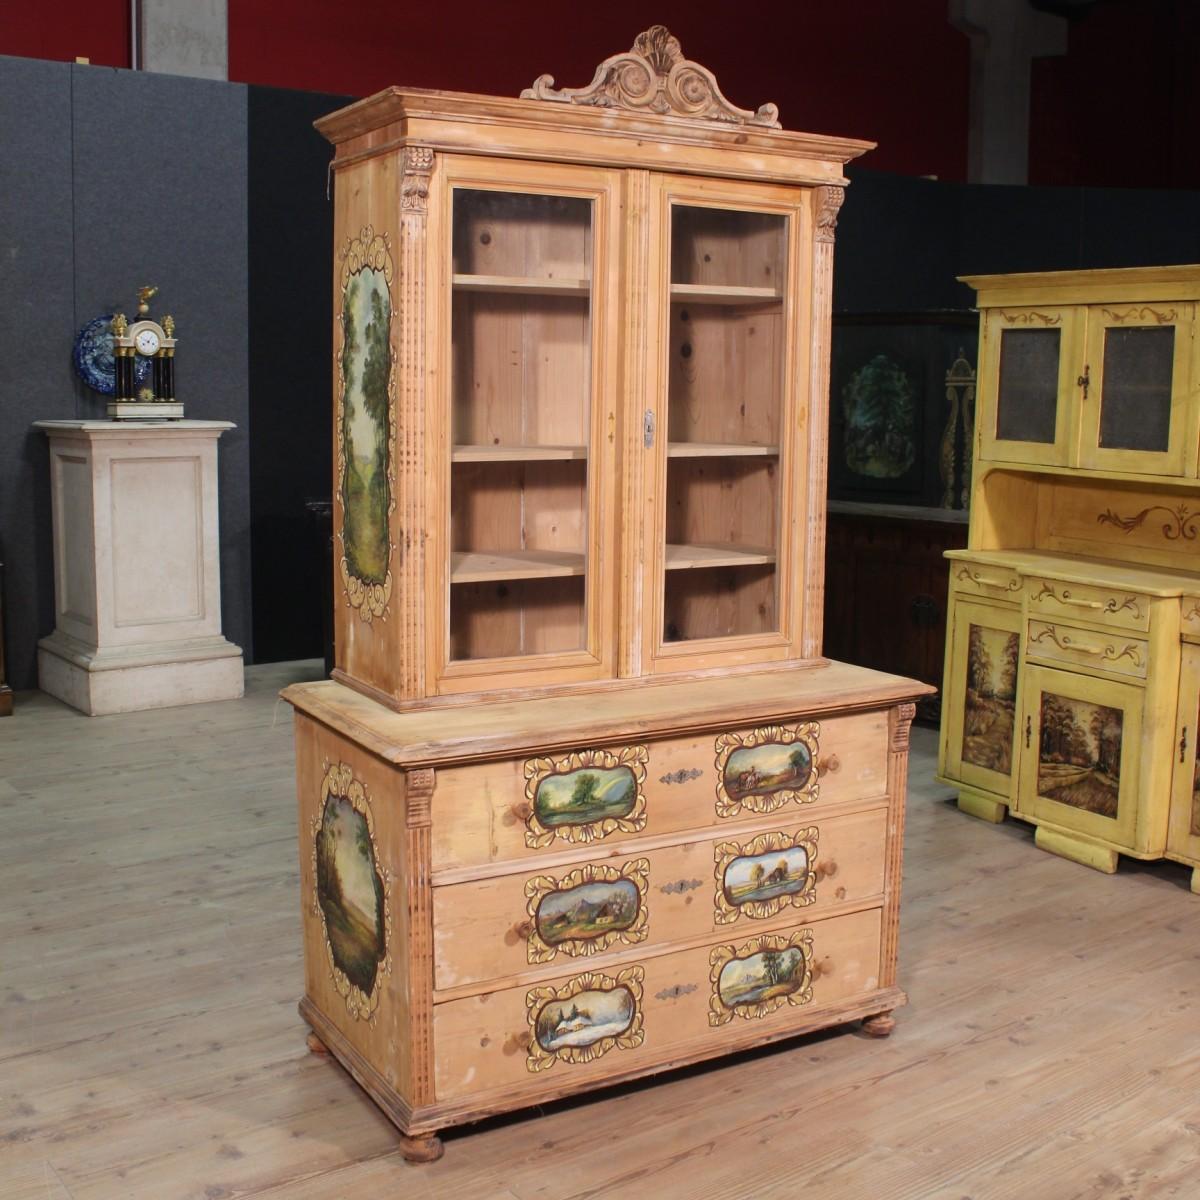 Libreria in legno dipinto a mano dell 39 est europa del xx secolo for Vendo mobili usati milano